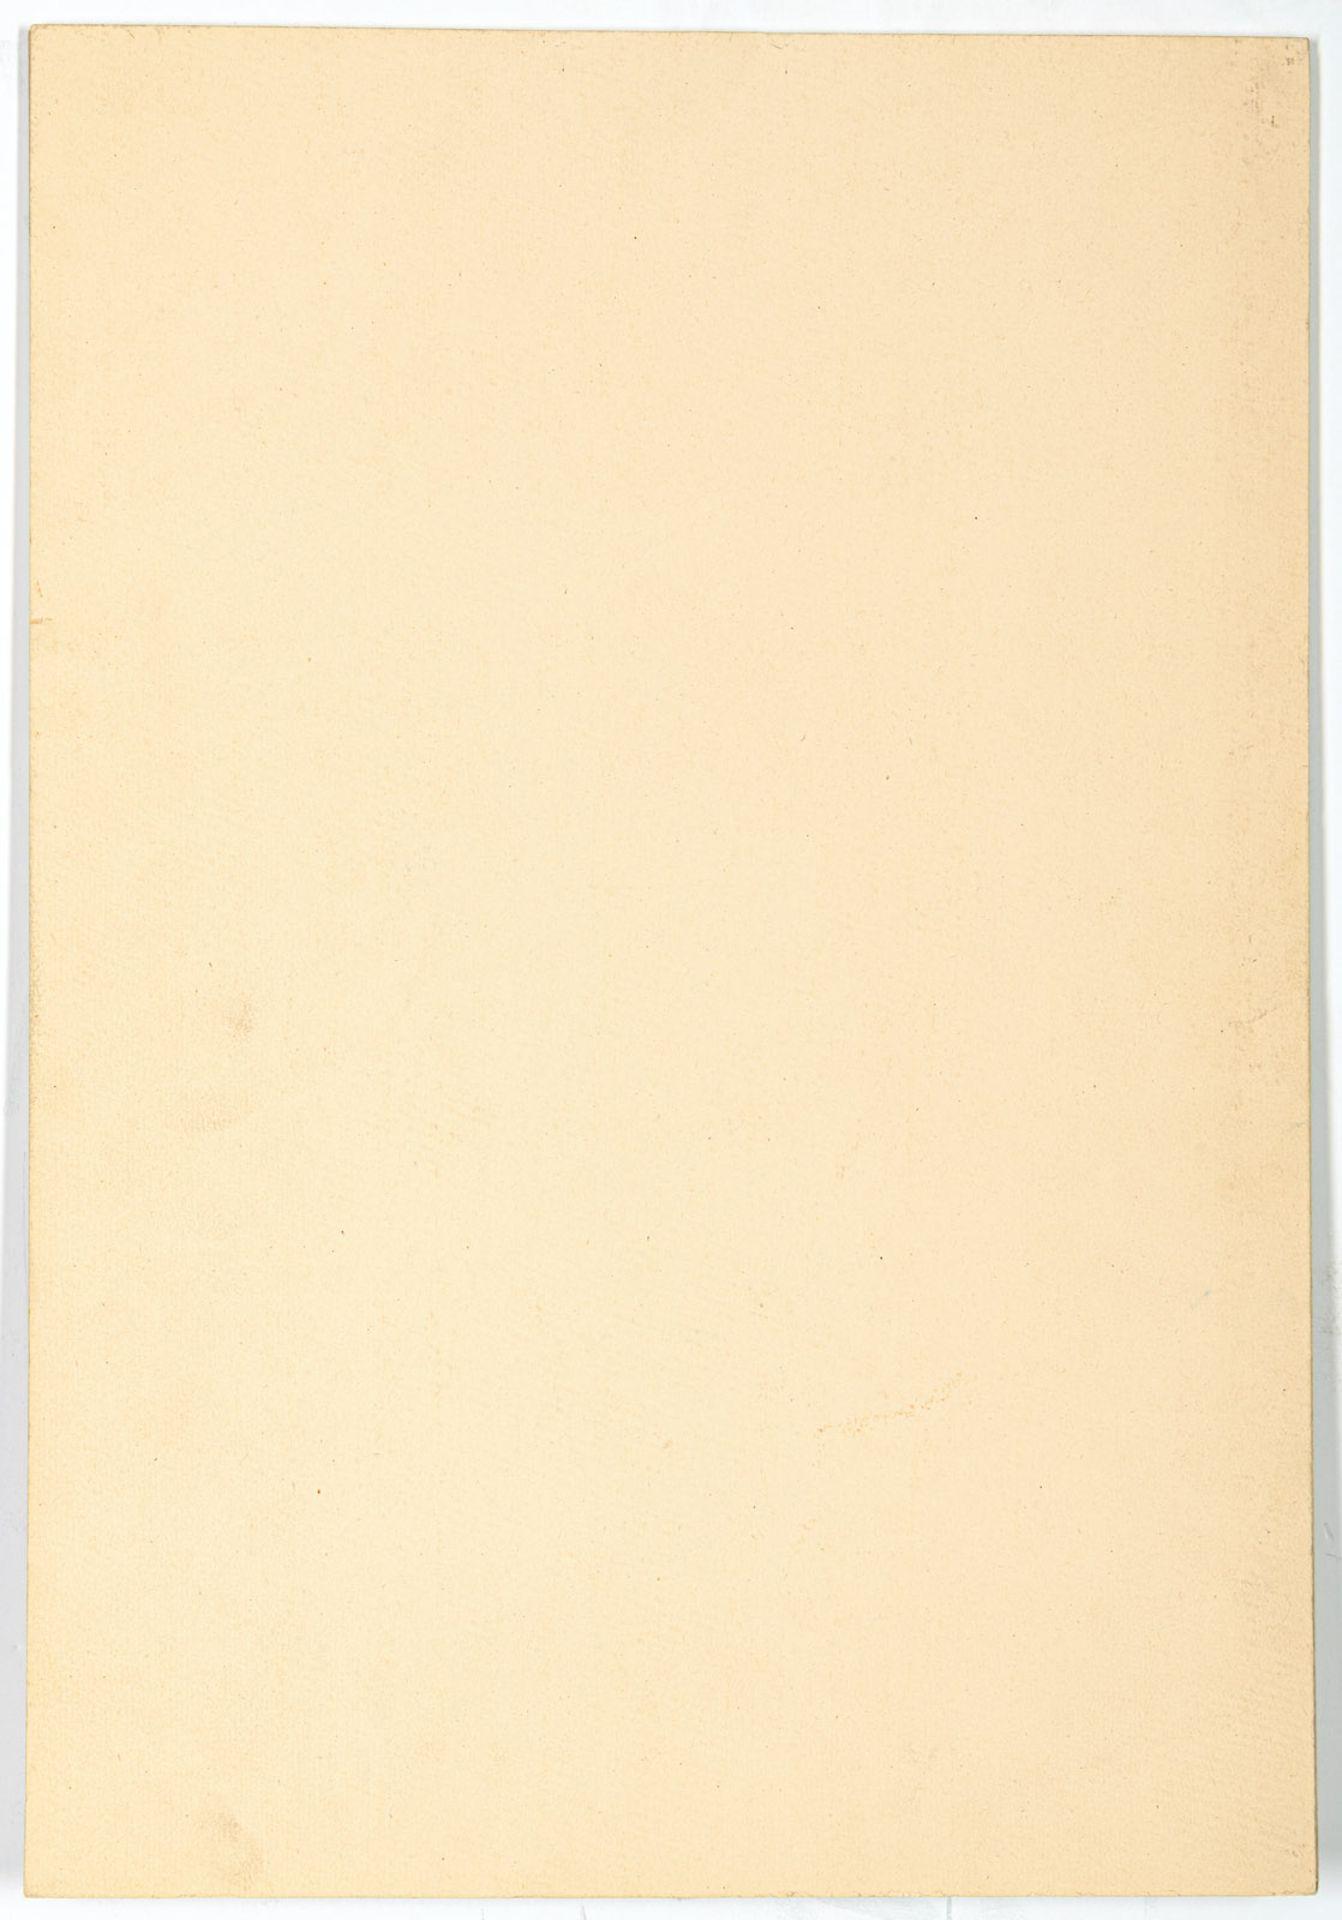 Kollwitz, Käthe - Image 3 of 3